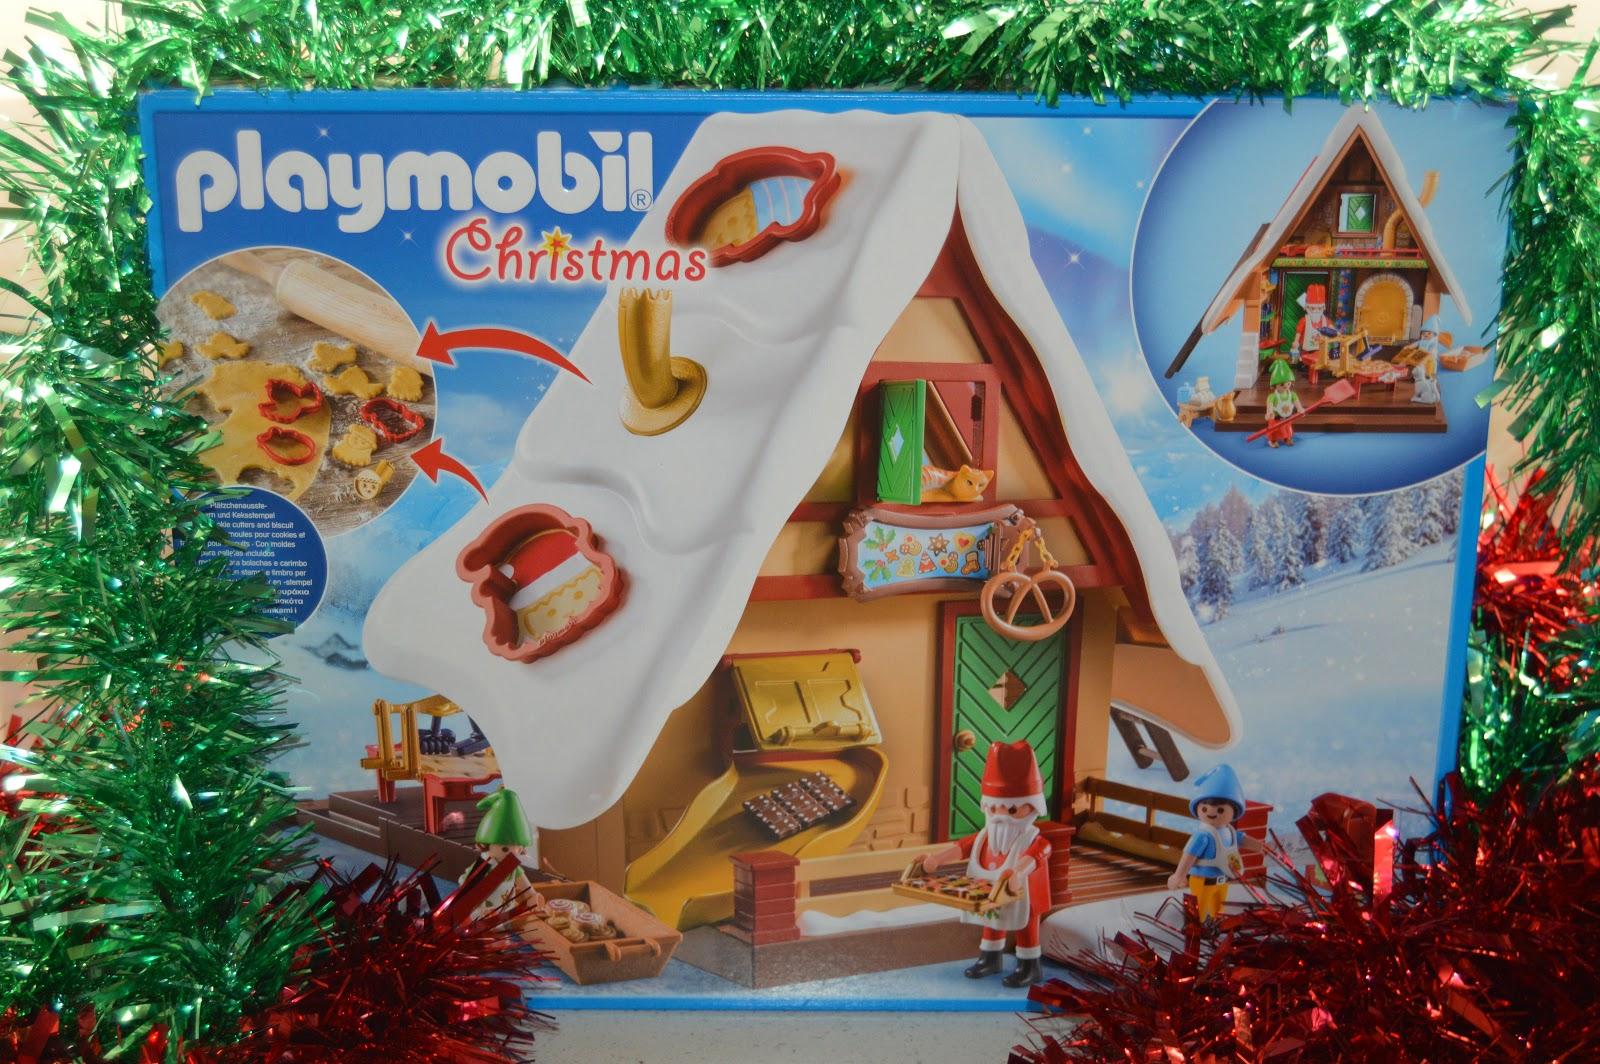 Playmobil Christmas house set